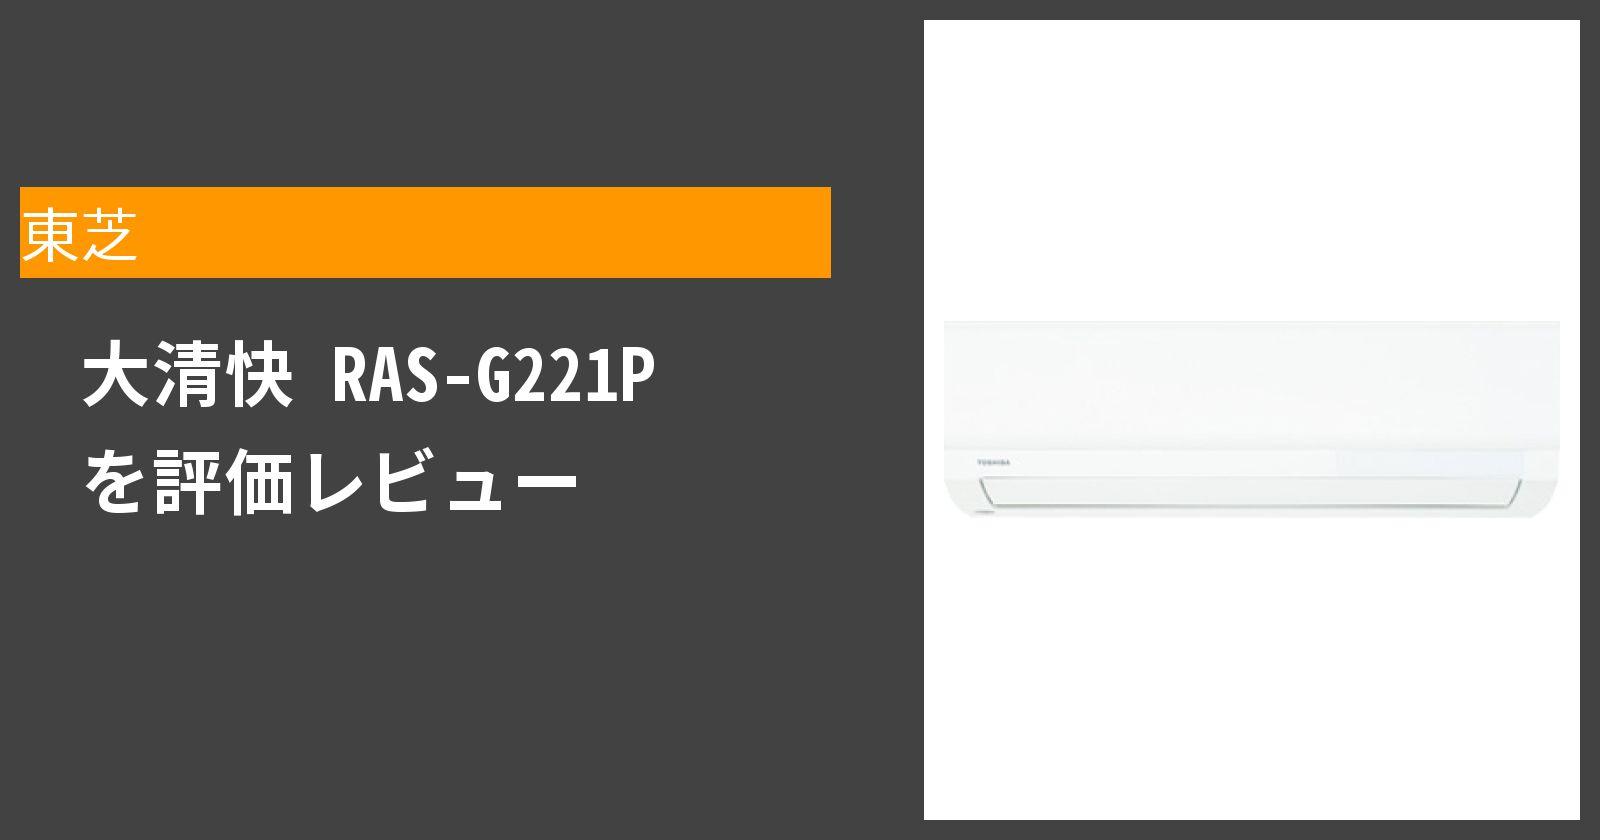 大清快 RAS-G221Pを徹底評価